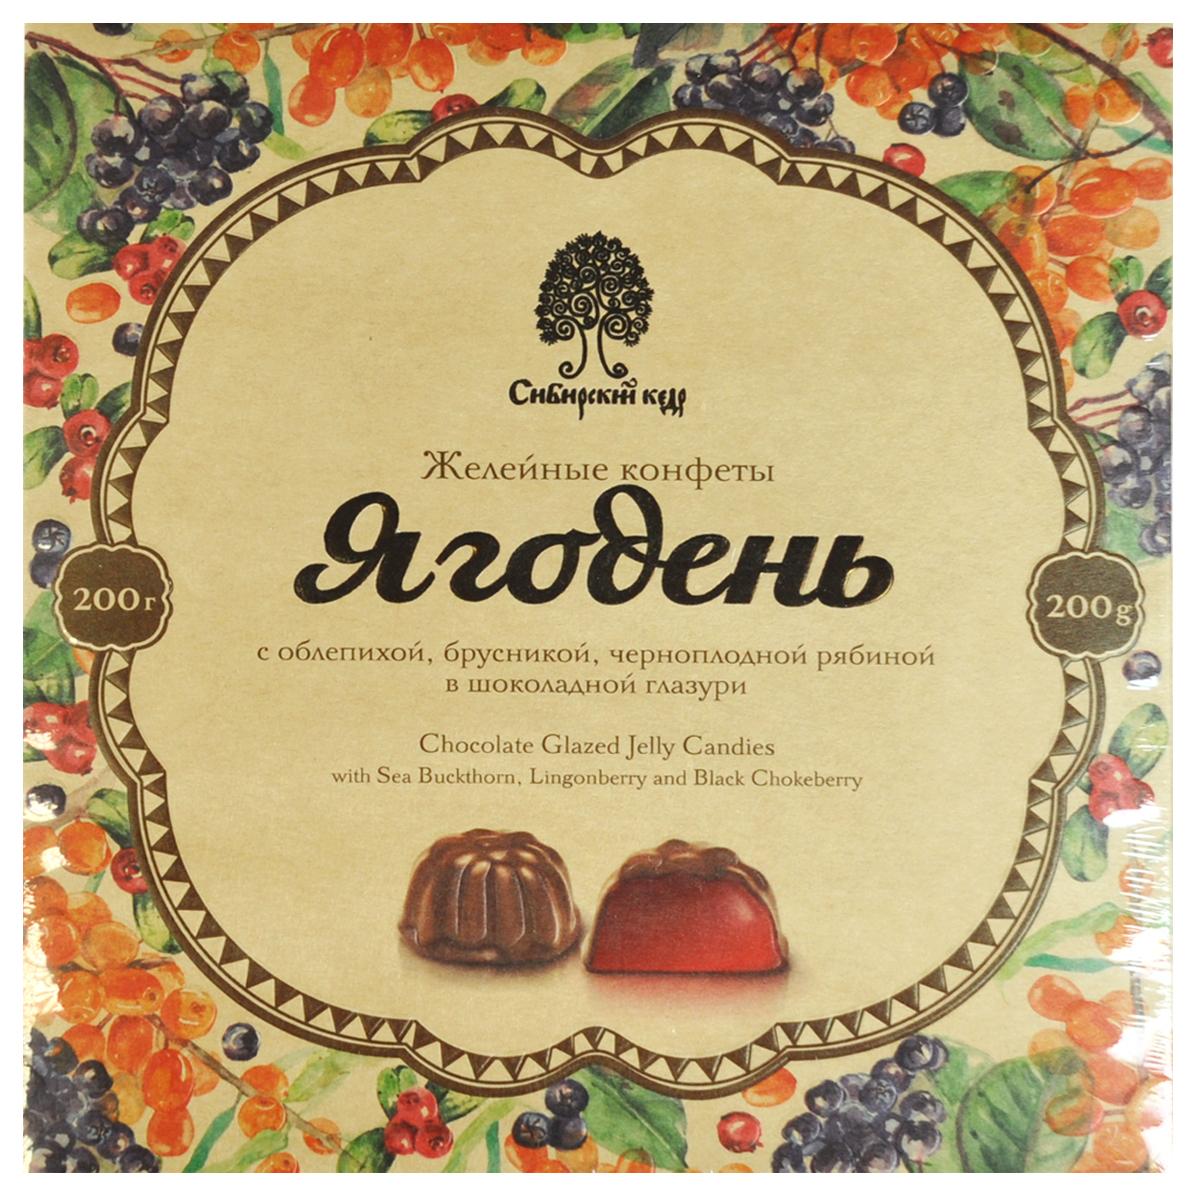 Сибирский Кедр мармелад ягодень в шоколадной глазури ассорти, 200 г crystal trees кедр сибирский